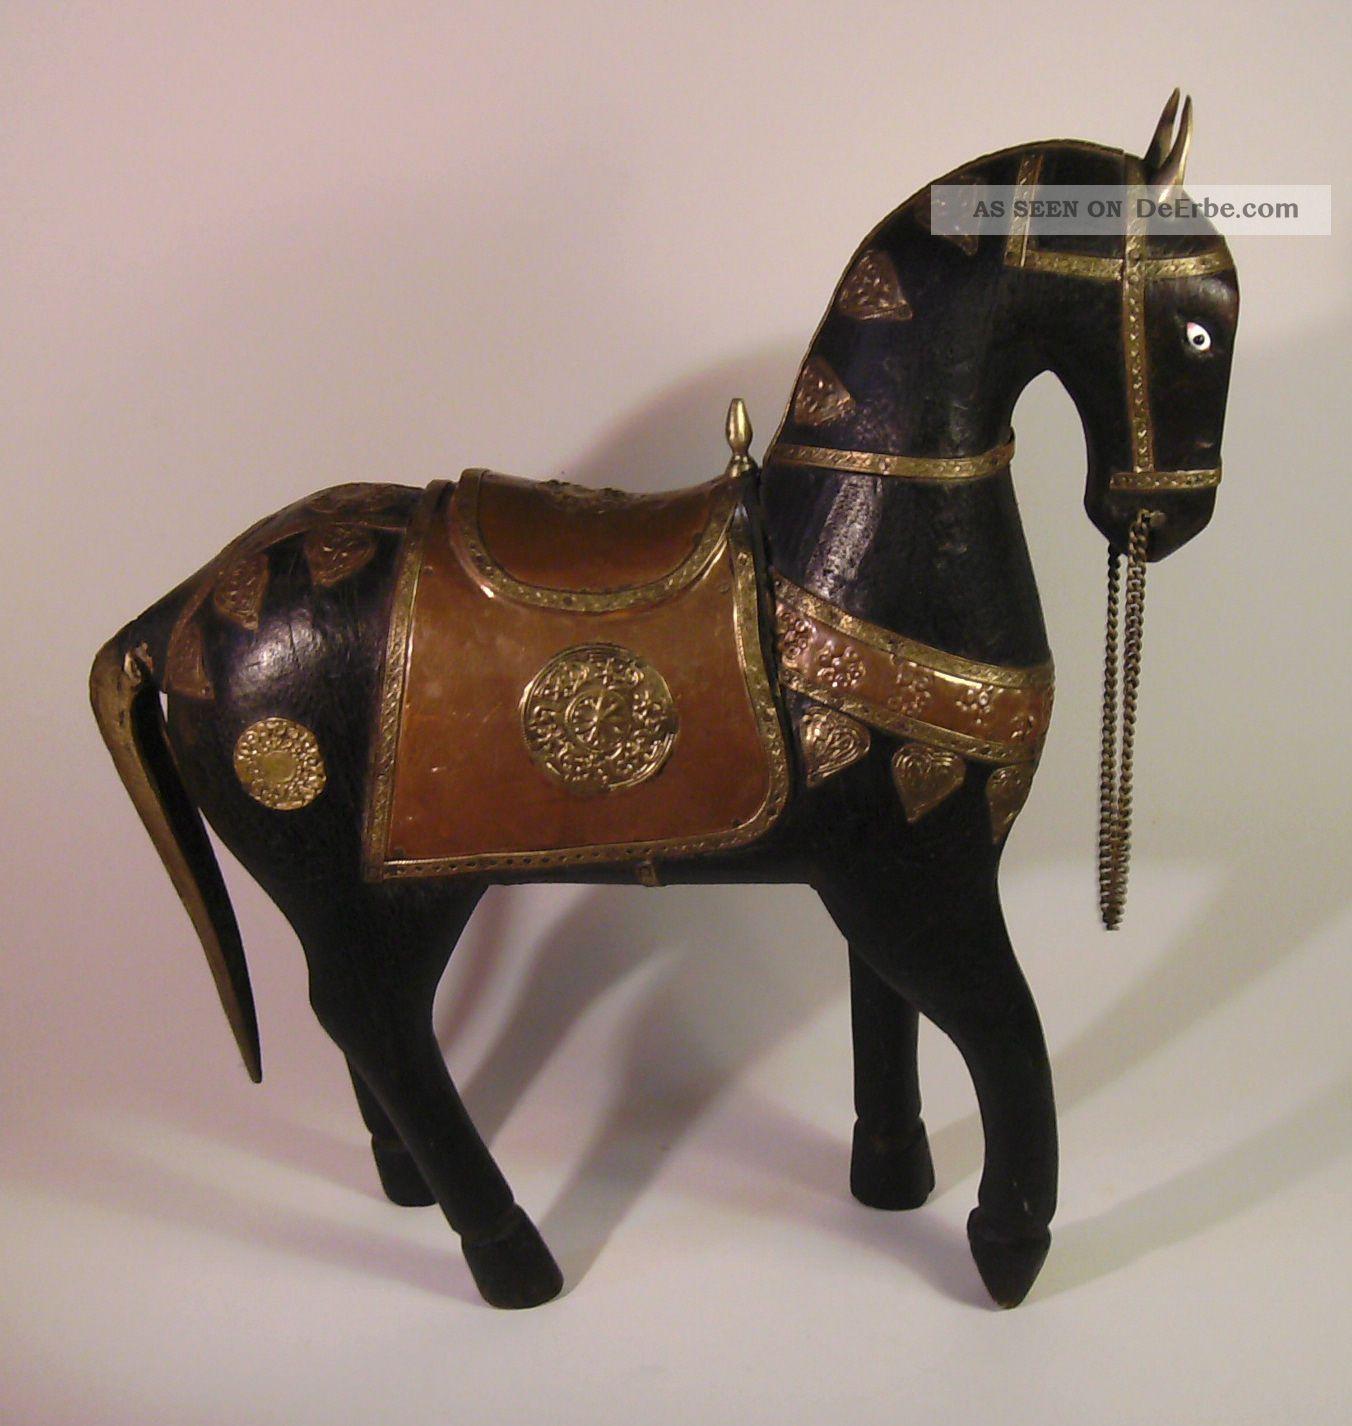 dekoratives gro es pferd aus holz mit beschl gen aus kupfer u messing indien. Black Bedroom Furniture Sets. Home Design Ideas